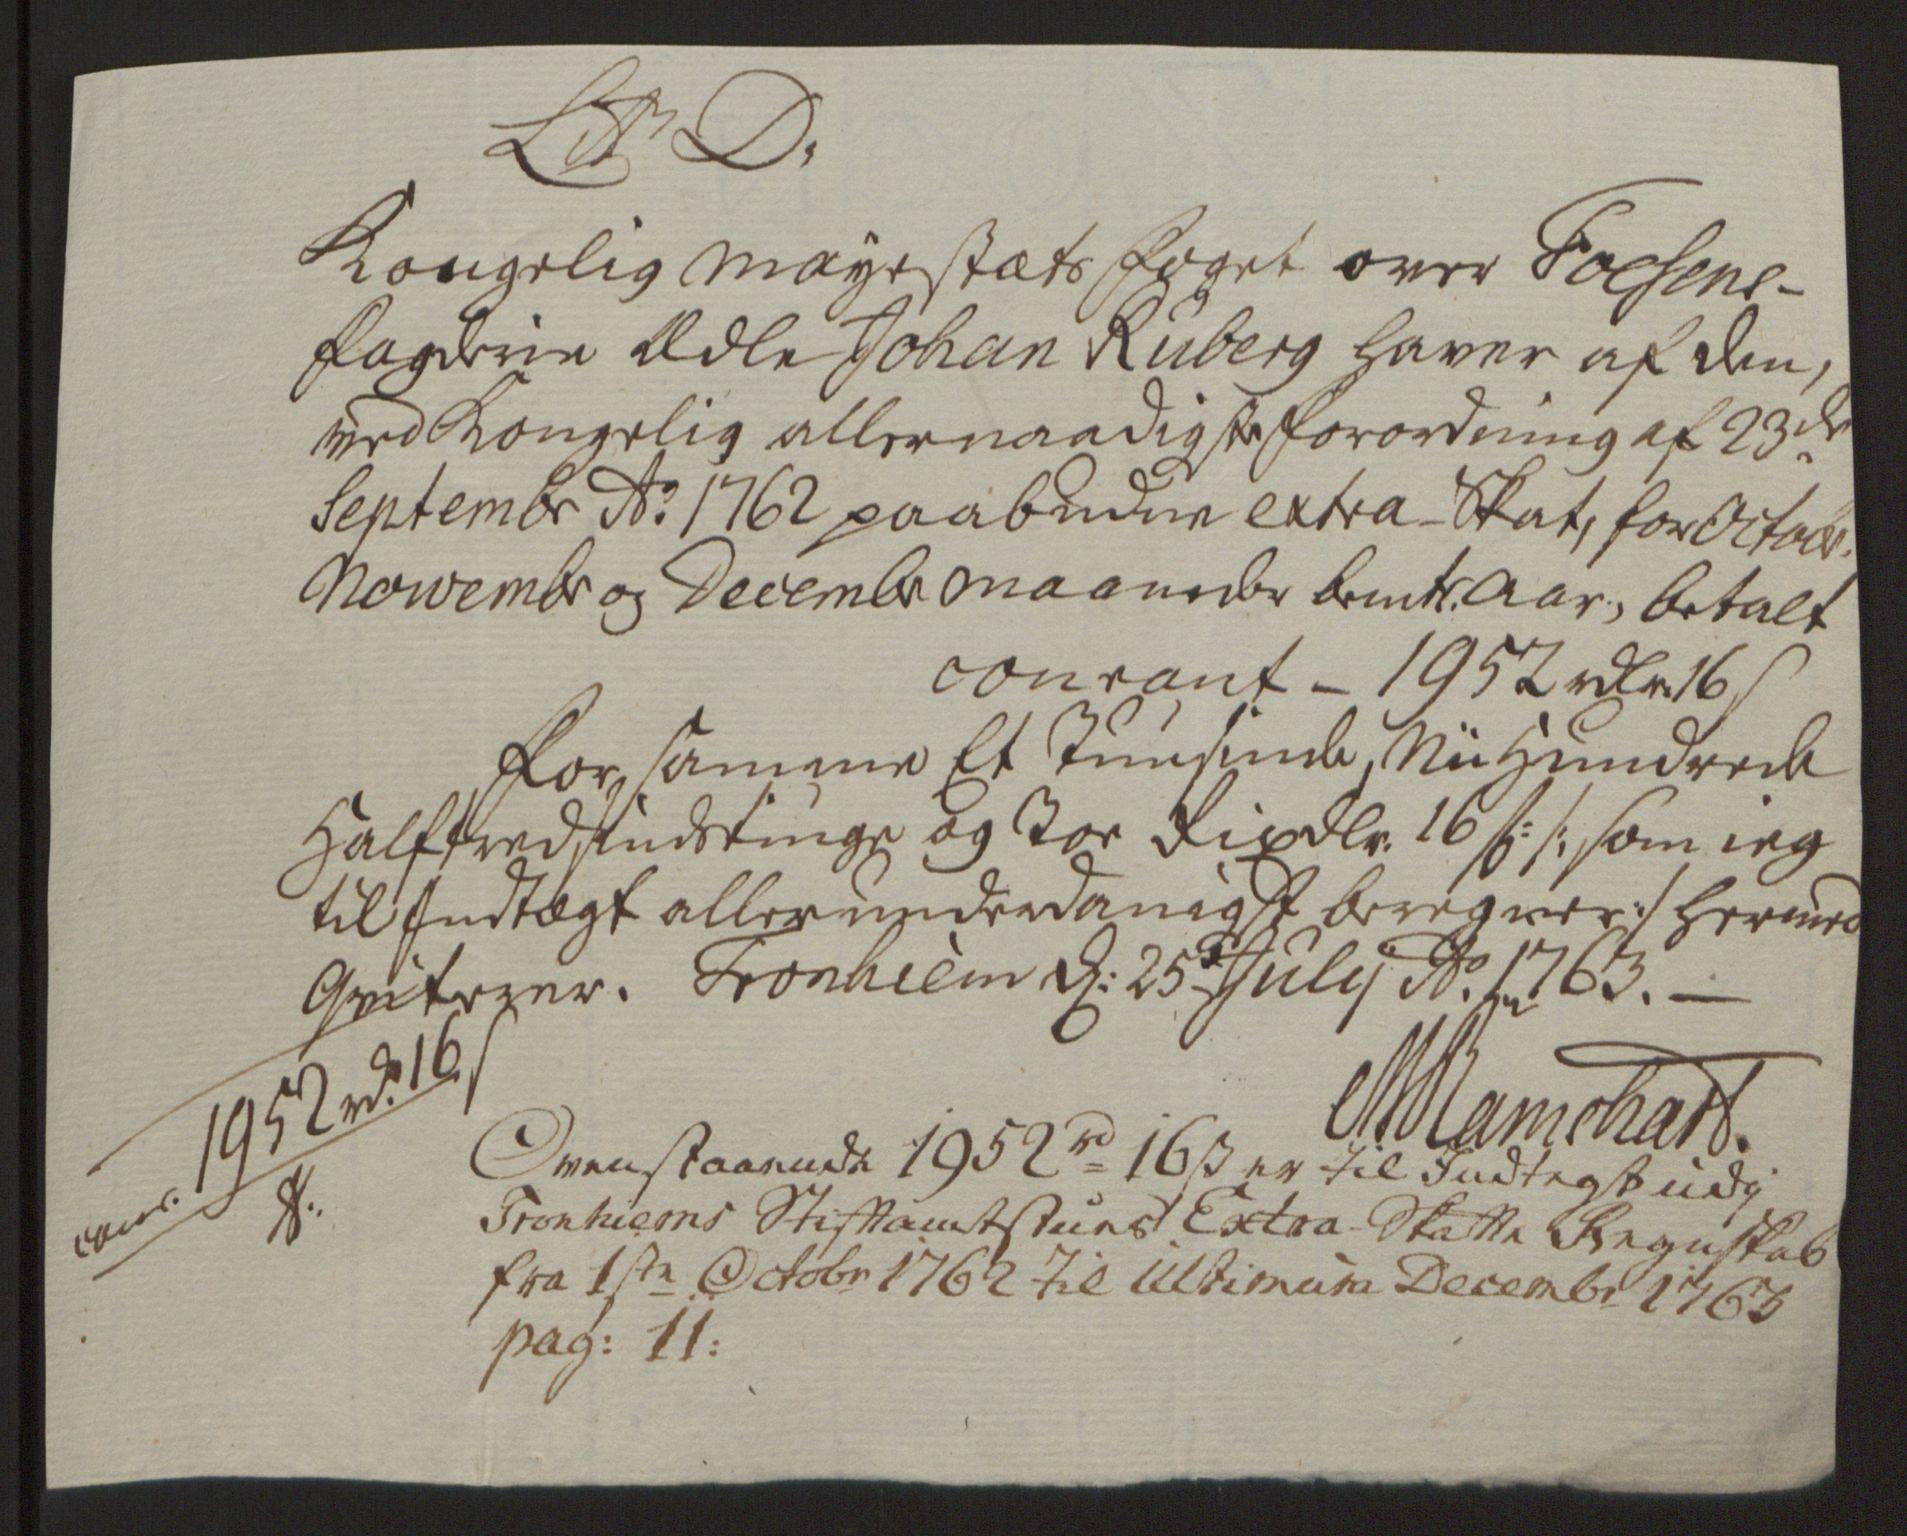 RA, Rentekammeret inntil 1814, Reviderte regnskaper, Fogderegnskap, R57/L3930: Ekstraskatten Fosen, 1762-1763, s. 181